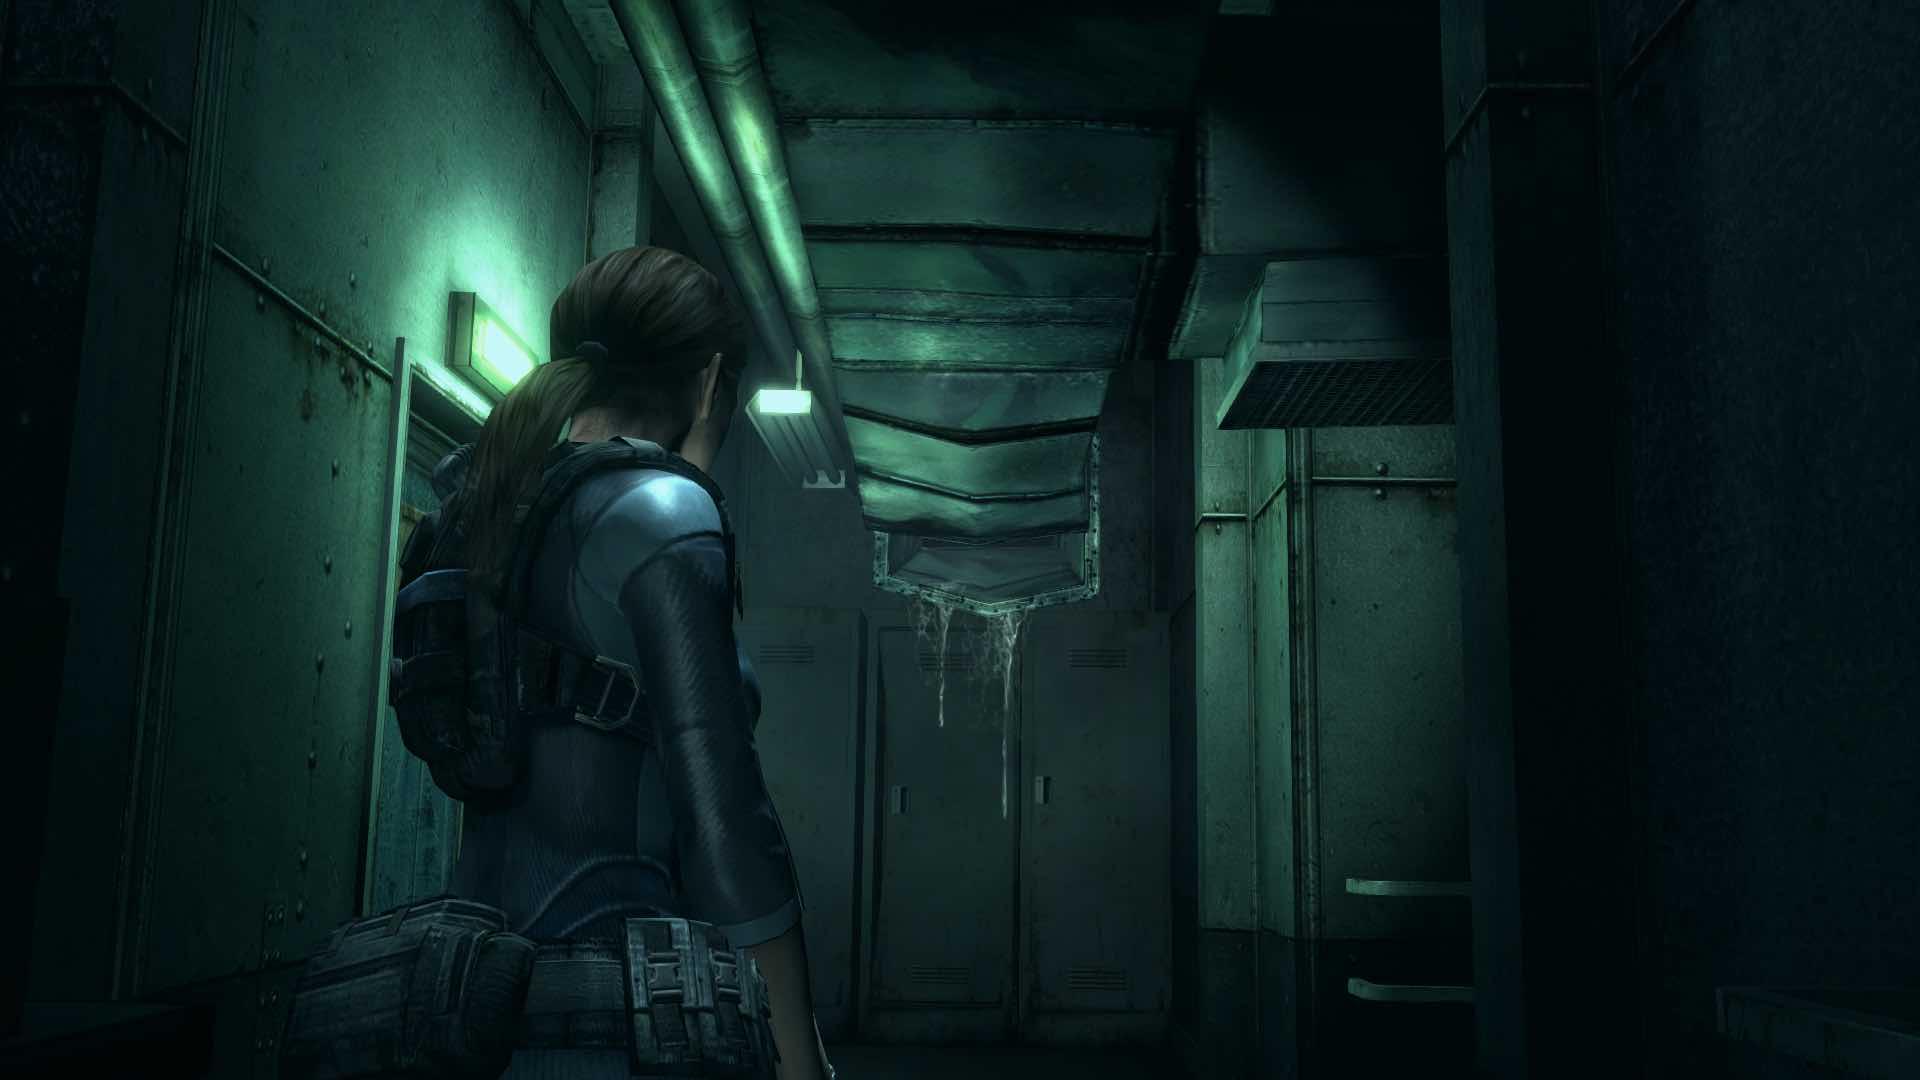 resident-evil-revelations-chronicles-screenshot-5